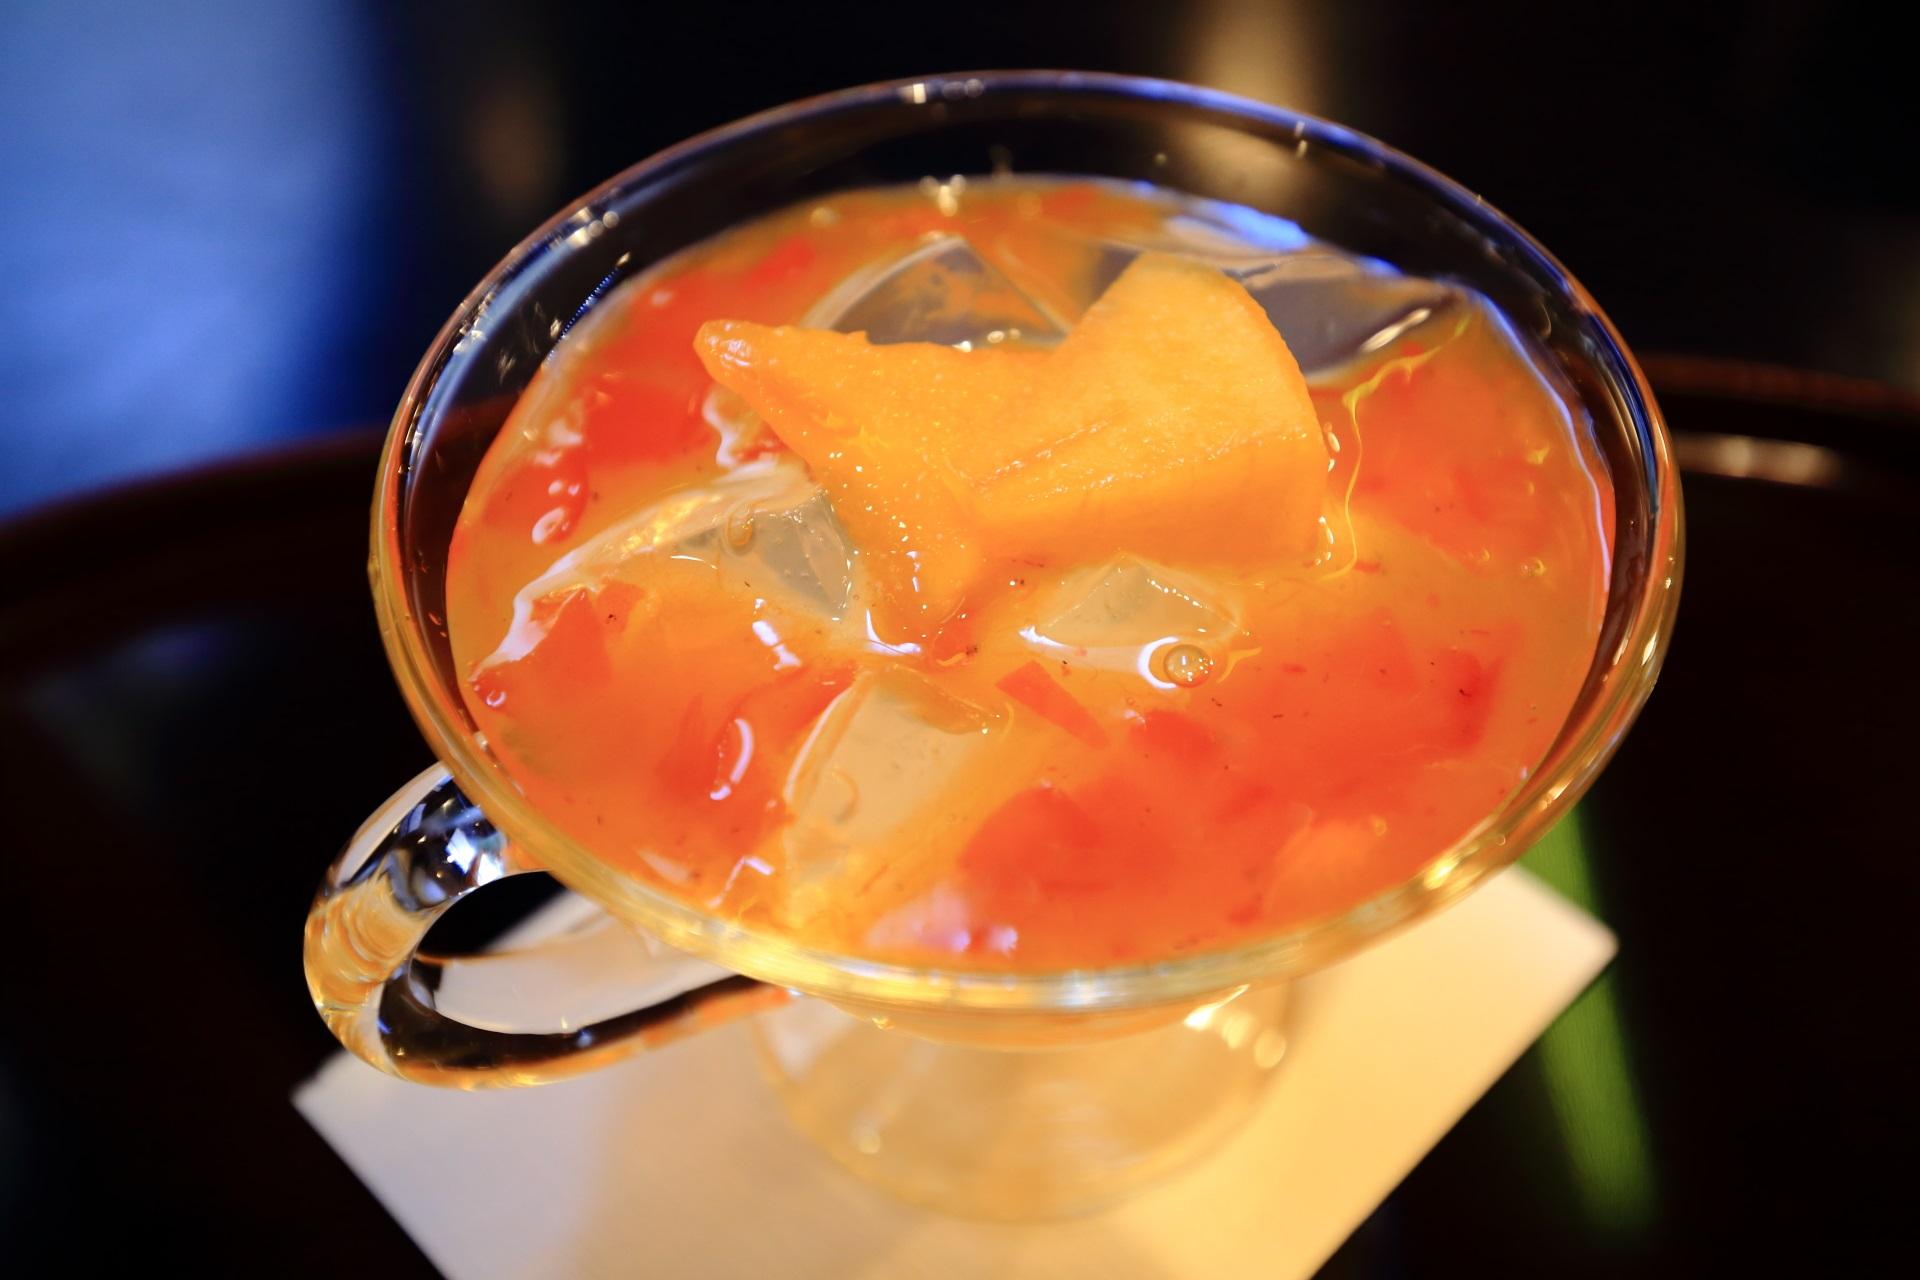 鮮やかなオレンジと透きとおる寒天と蜜